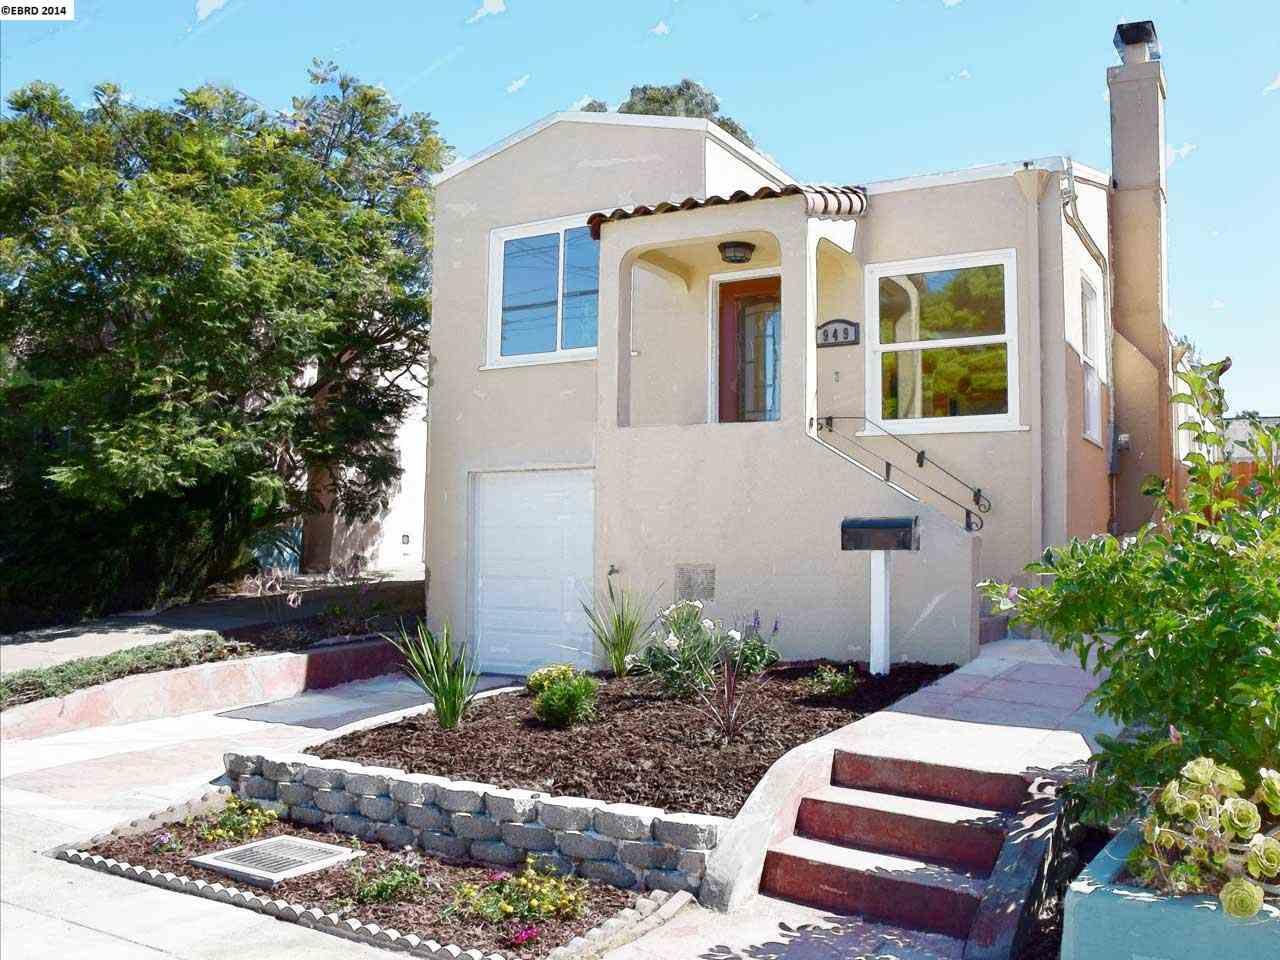 Частный односемейный дом для того Продажа на 949 EVELYN Avenue Albany, Калифорния 94706 Соединенные Штаты